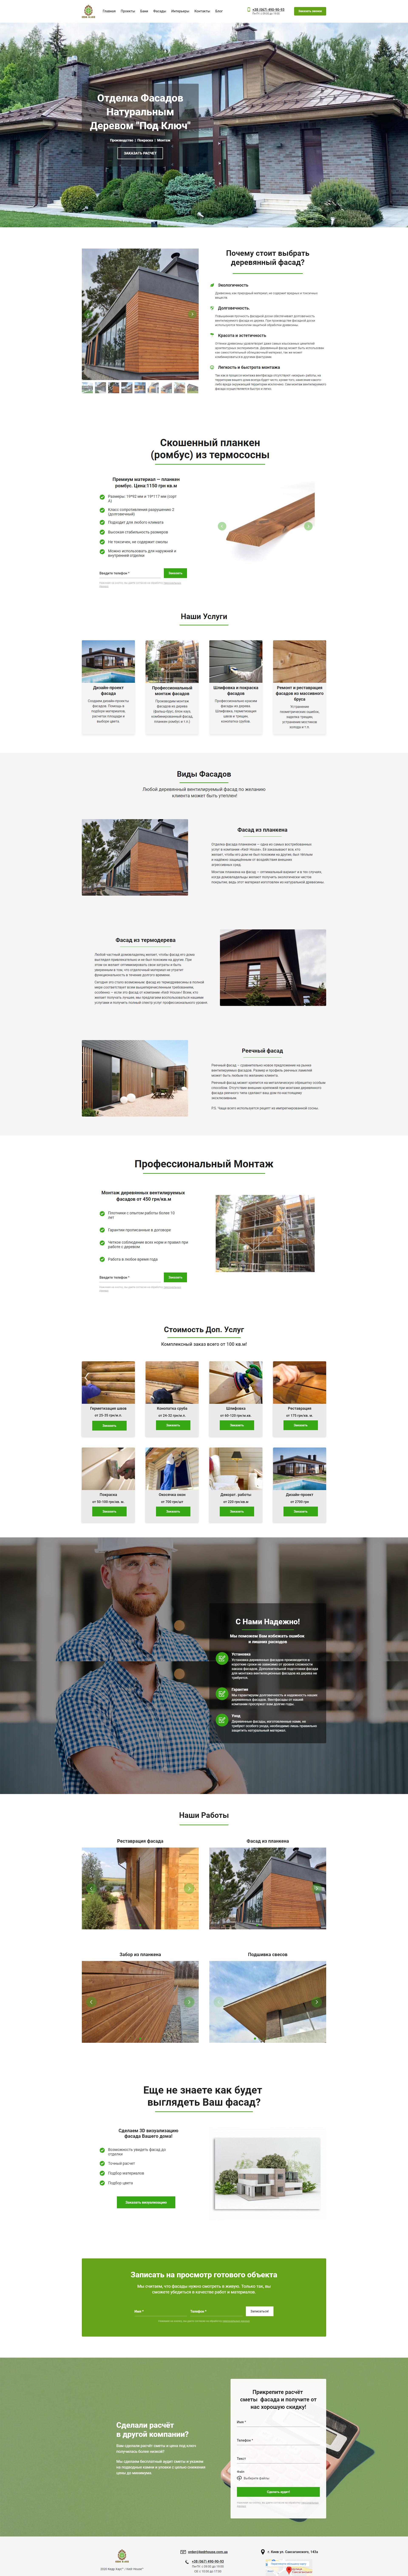 Фото Разработка сайта для строительной компании. Создали дизайн на конструкторе. Адрес сайта: http://kedrhouse.kiev.ua/